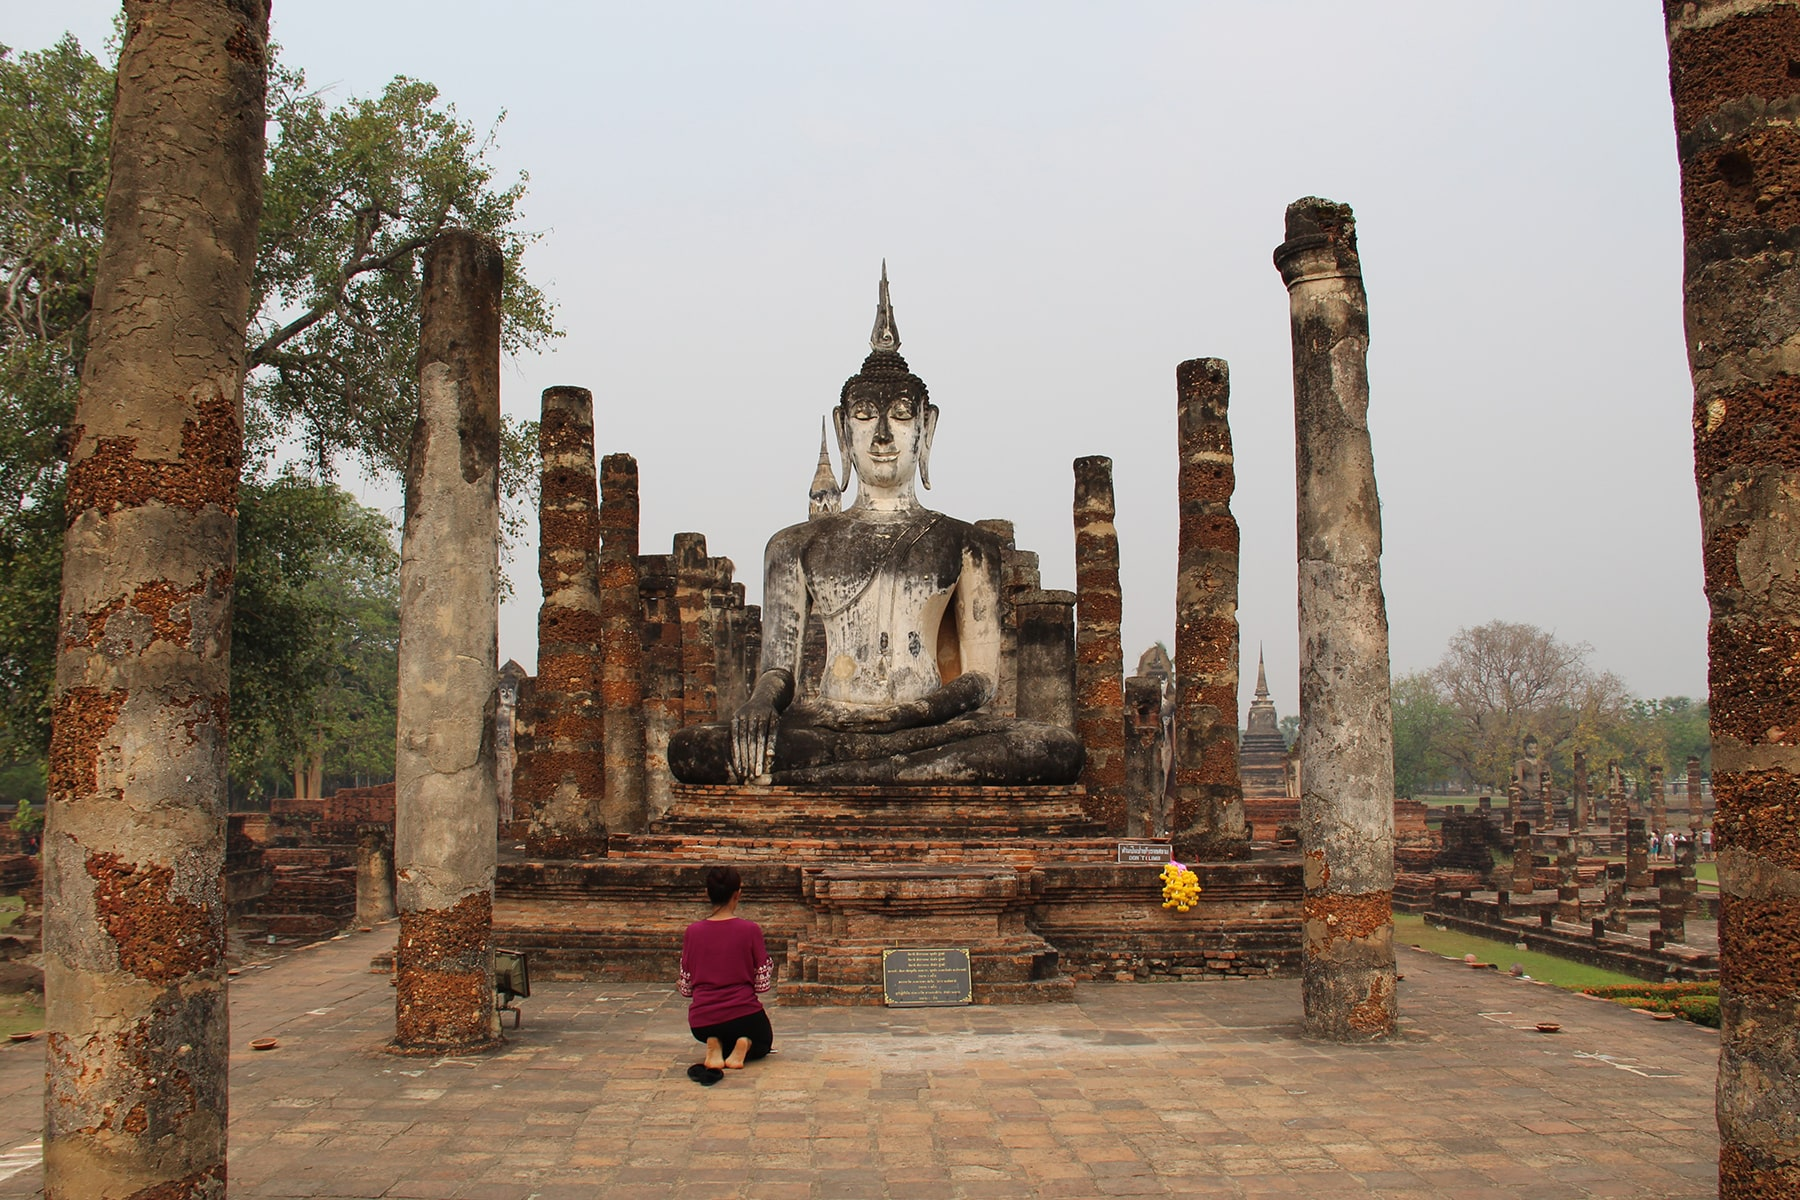 Femme priant devant la statue blanche de Bouddha entre ruines de colonnes dans le hall d'ordination au Wat Mahathat - Parc historique de Sukhothaï